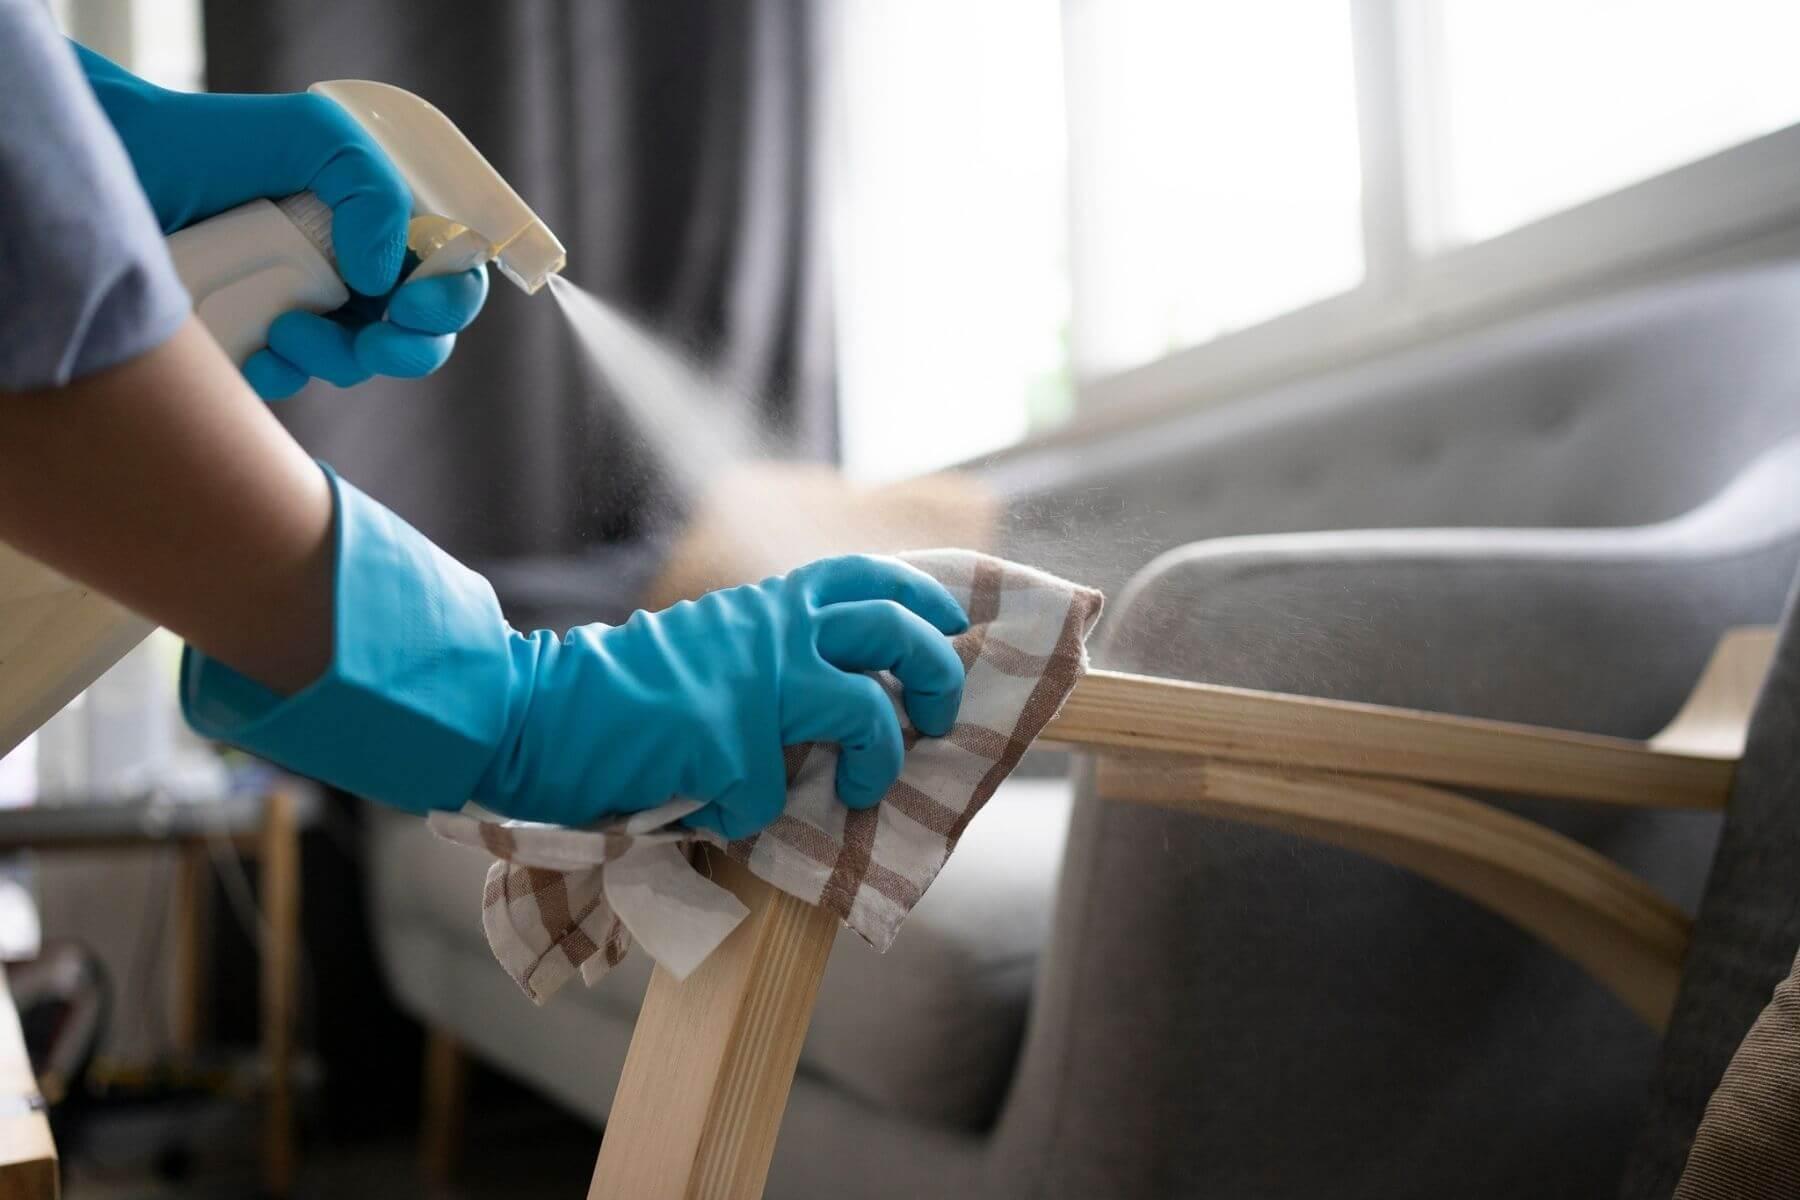 ทำความสะอาดที่พักแขนเก้าอี้ โควิด-19